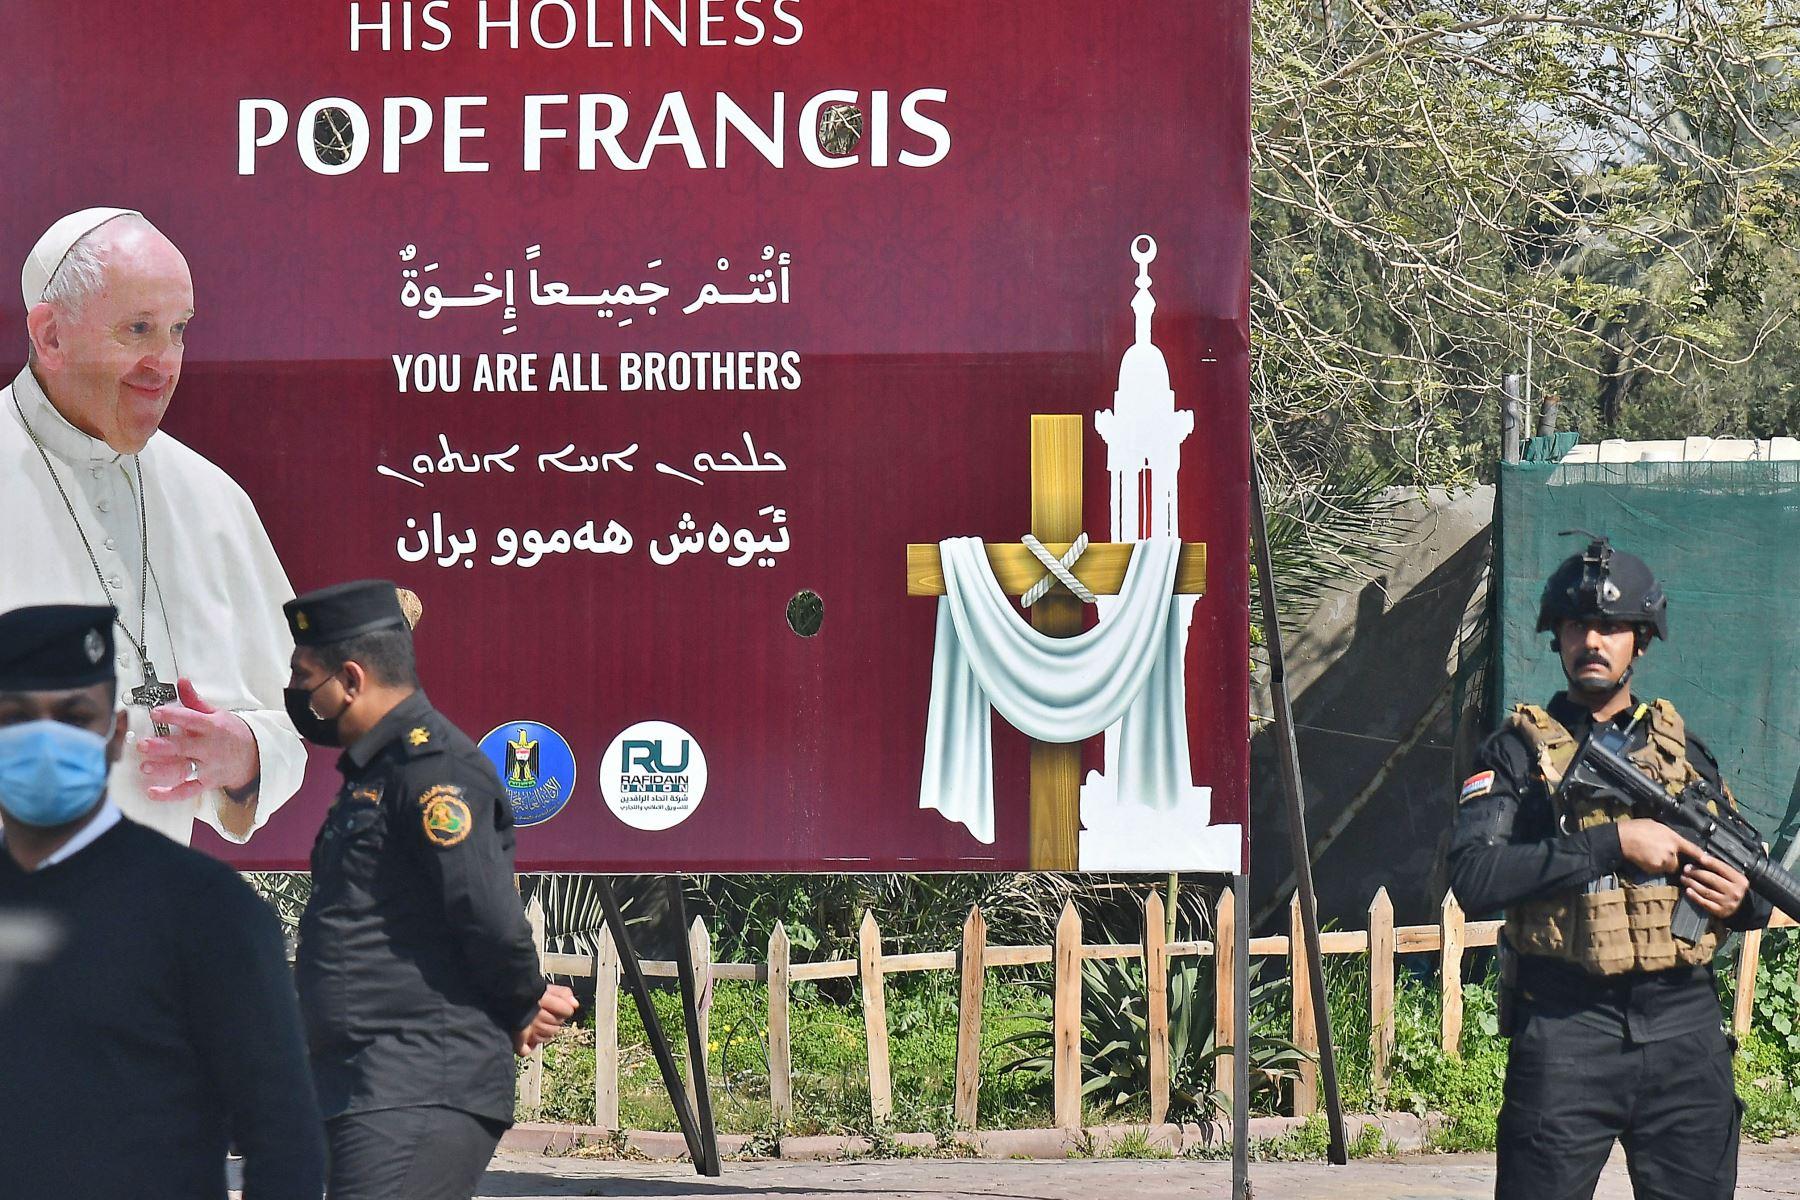 El Papa Francisco comenzó su histórico viaje a Irak marcado por la guerra, desafiando las preocupaciones de seguridad y la pandemia del coronavirus para consolar a una de las comunidades cristianas más antiguas y perseguidas del mundo. Foto: AFP